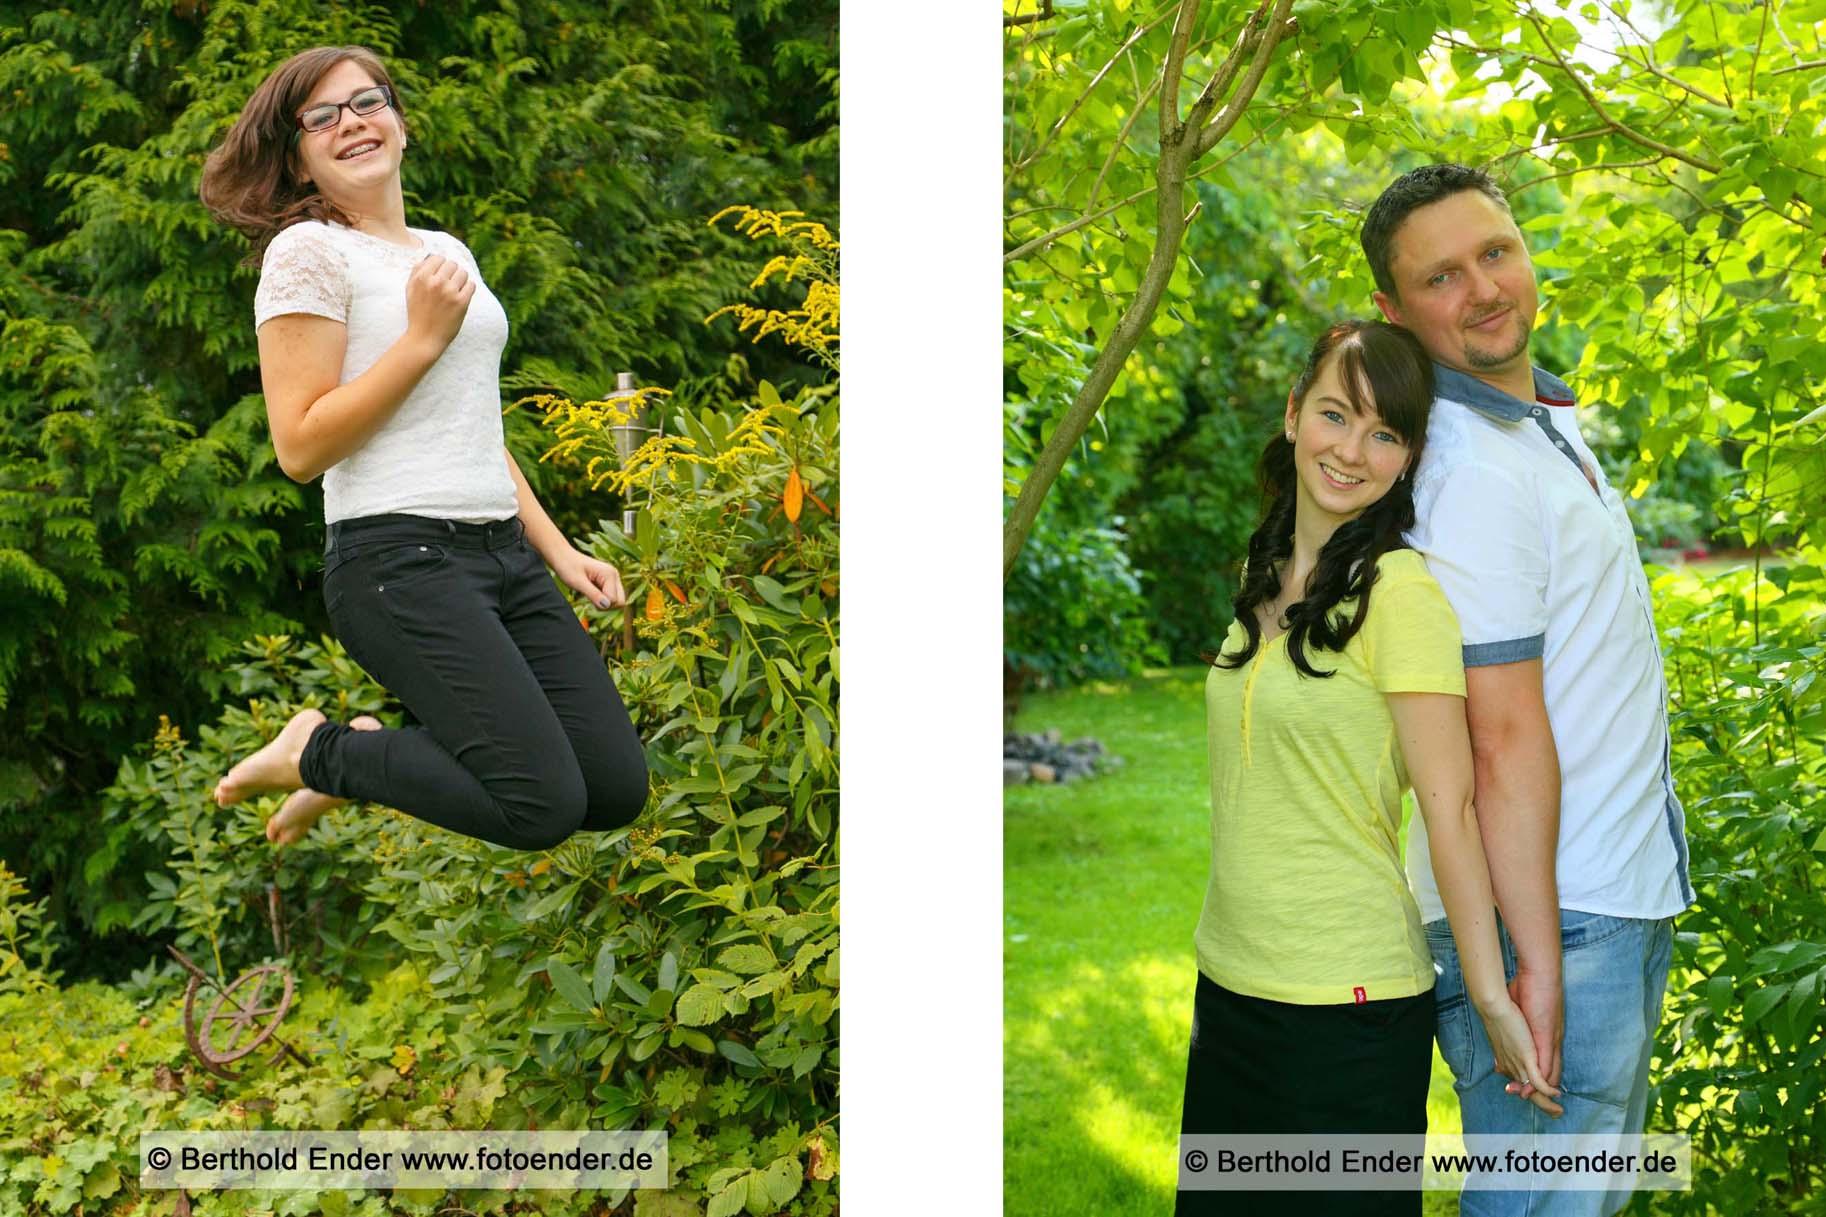 Fotoshooting im Freilichtstudio von Foto-Ender in Oranienbaum